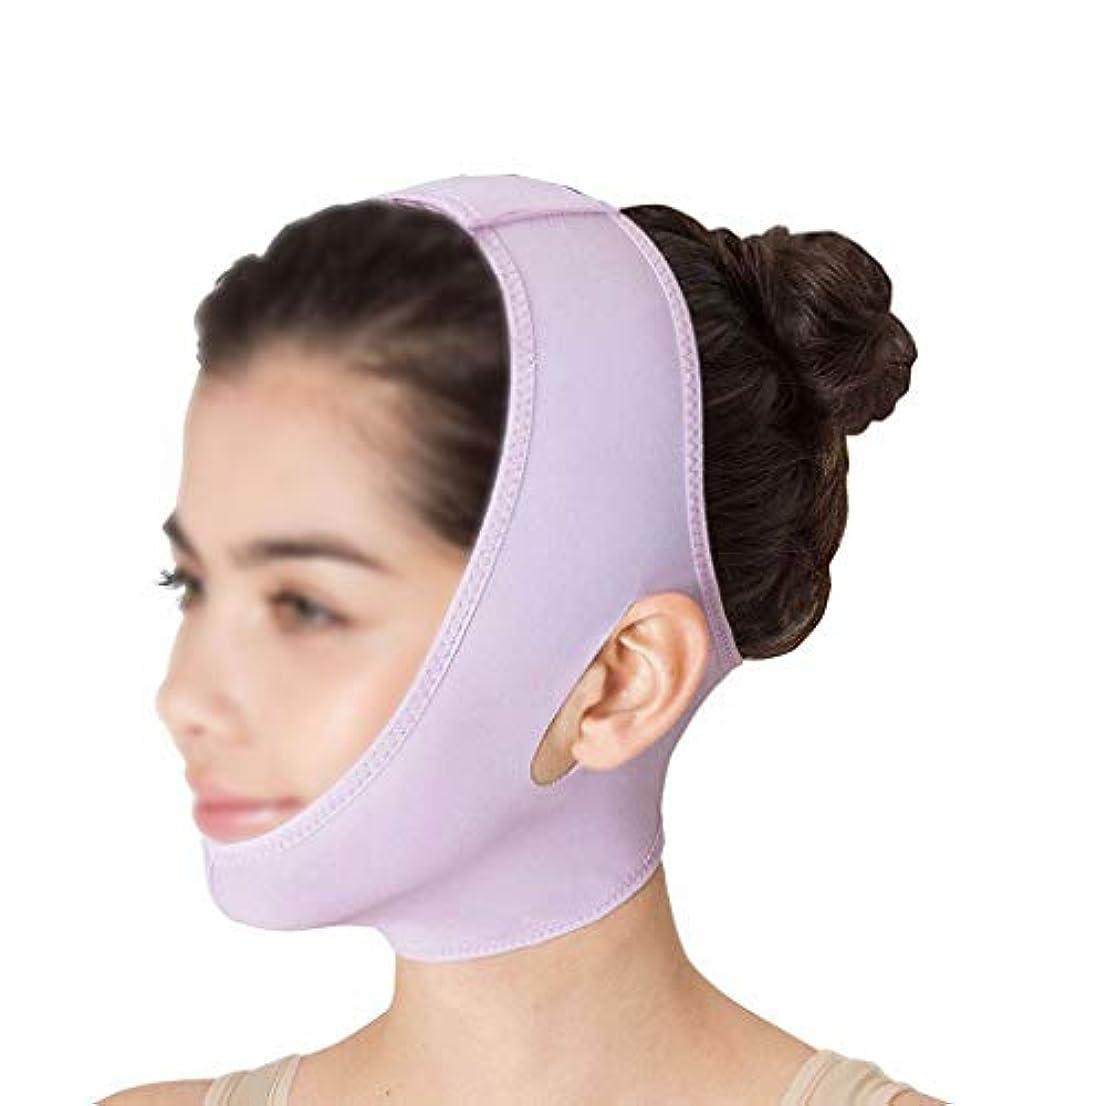 セラフ陰謀くちばしGLJJQMY 薄いマスク通気性ビーム面薄い二重あごは、小さなV面を作成するために頬睡眠マスクを防ぎます 顔用整形マスク